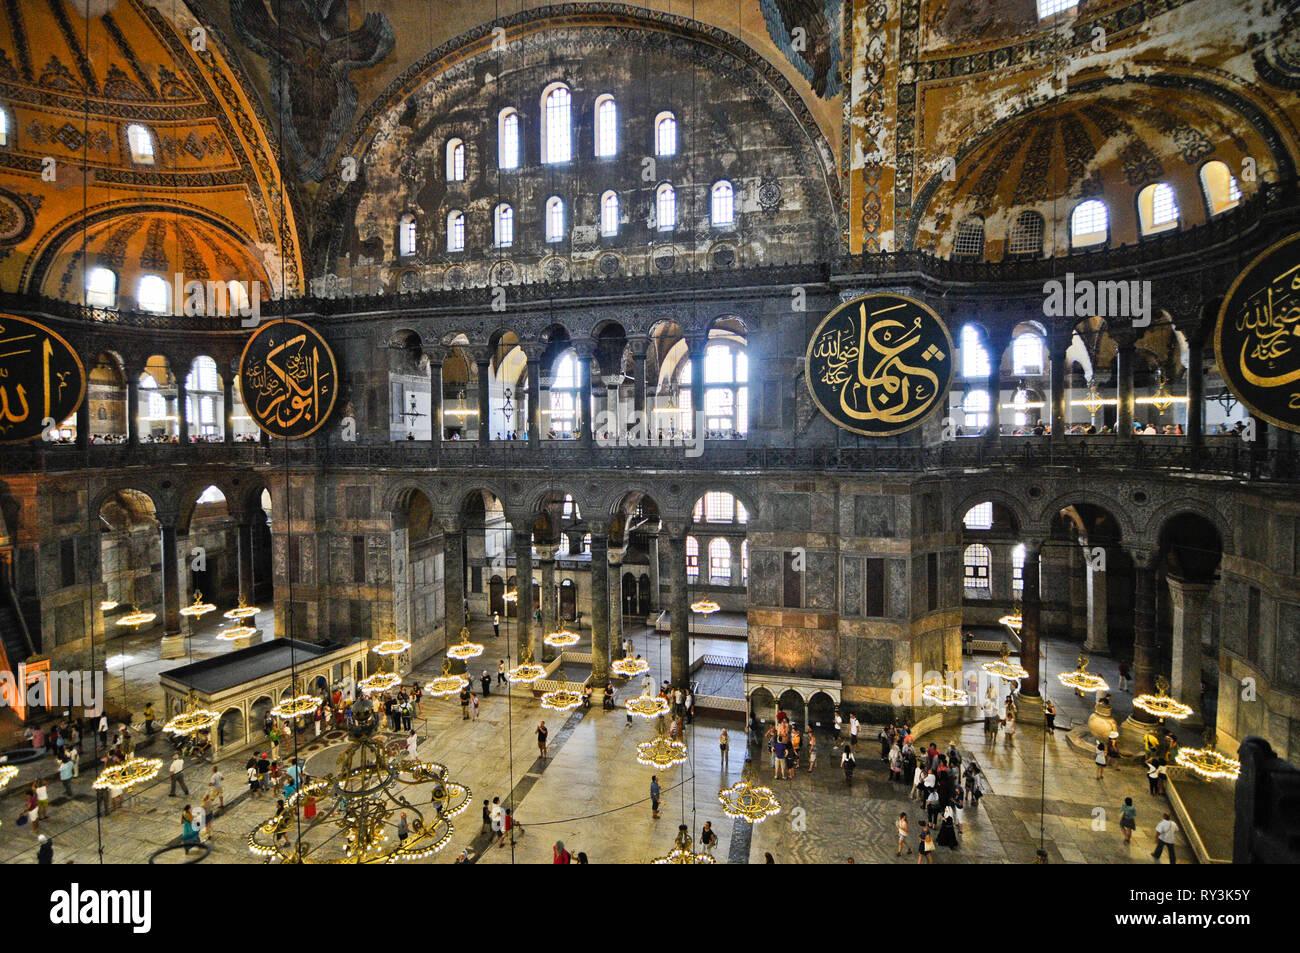 La basilique Sainte-Sophie, de l'intérieur. Istanbul, Turquie ...